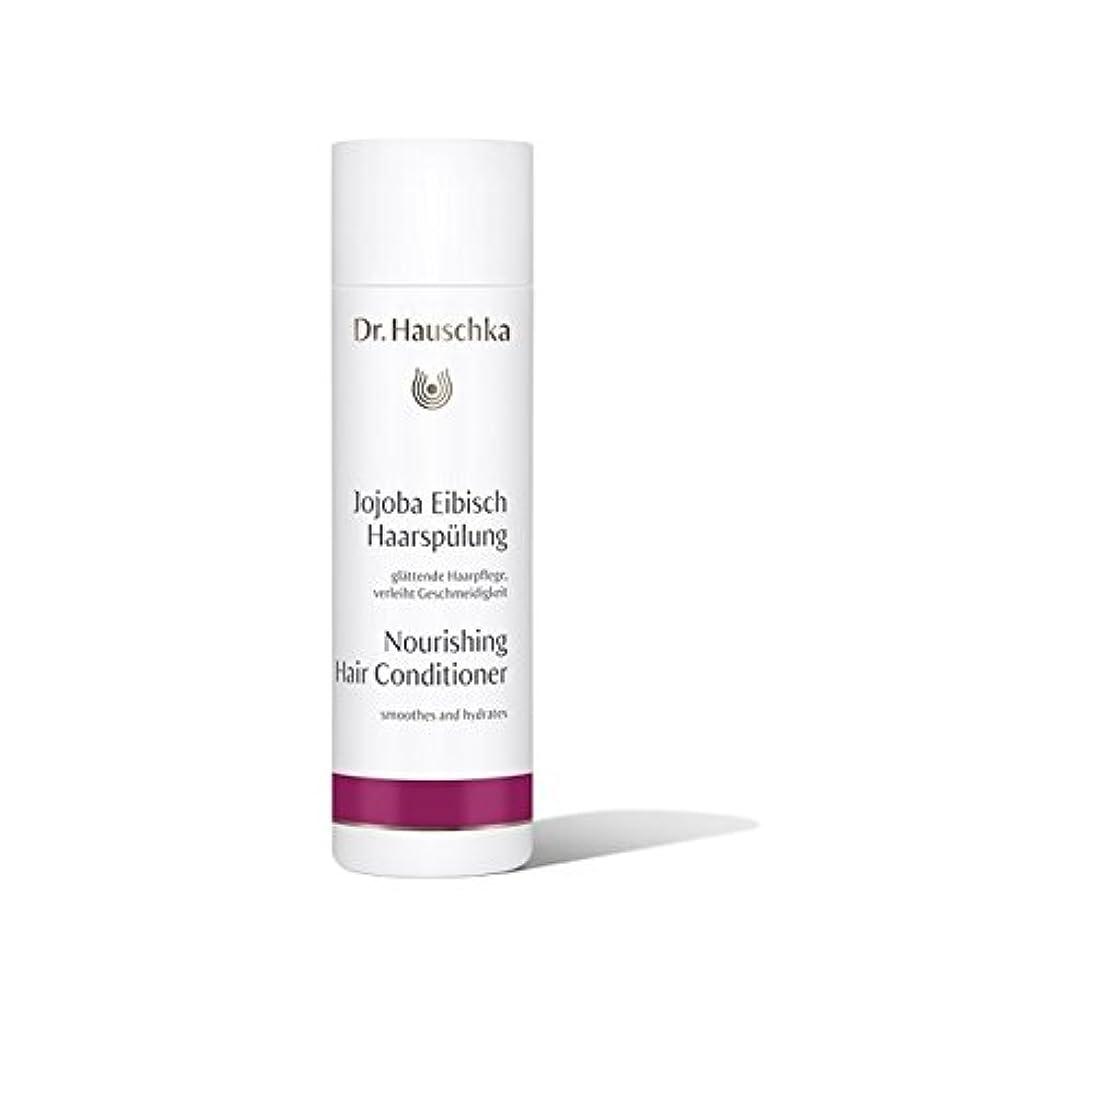 ルール教室エステートハウシュカ栄養ヘアコンディショナー(200ミリリットル) x2 - Dr. Hauschka Nourishing Hair Conditioner (200ml) (Pack of 2) [並行輸入品]